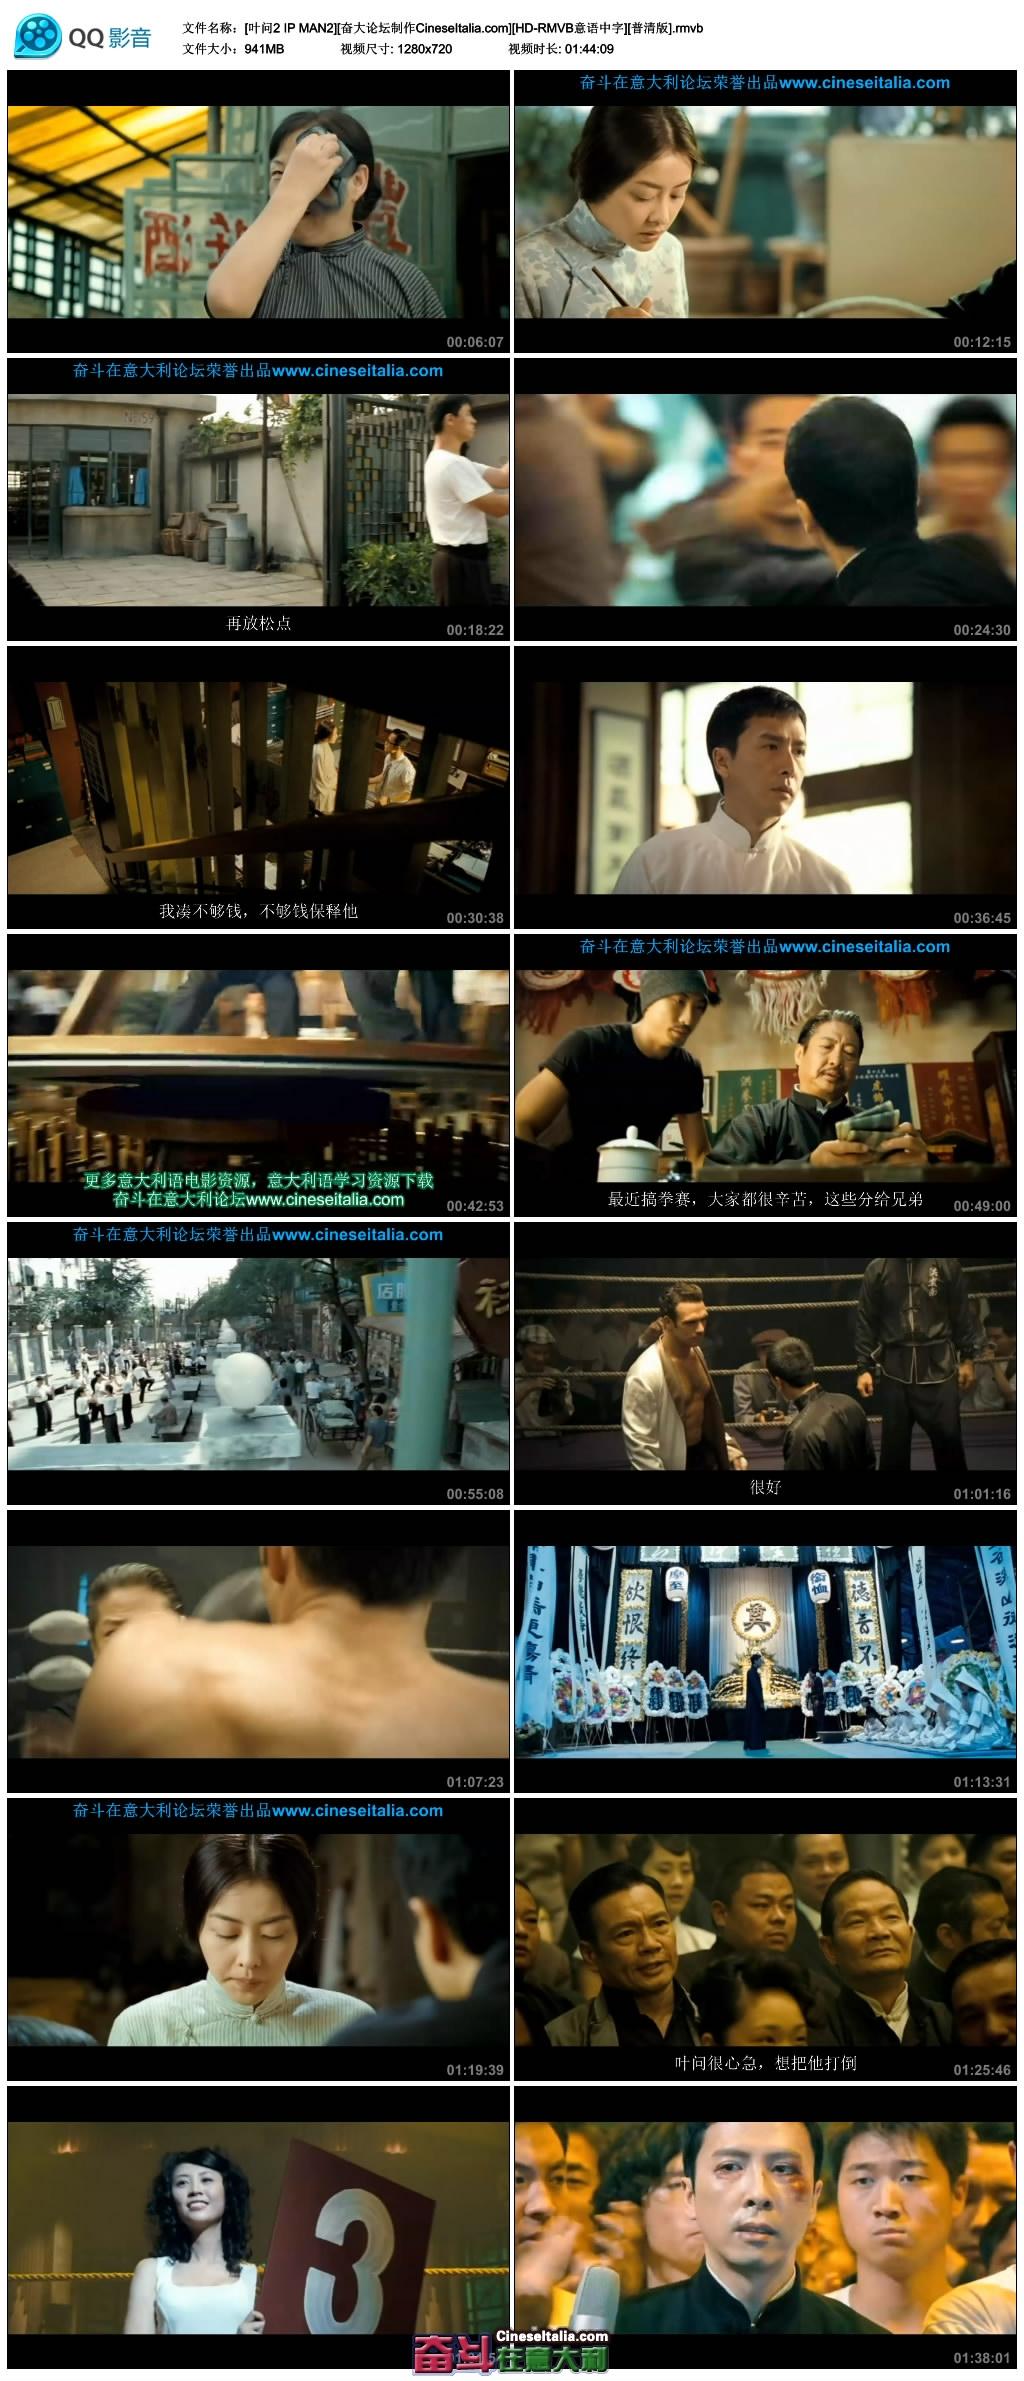 [叶问2 IP MAN2][奋大论坛制作CineseItalia.com][HD-RMVB意语中字][普清版].rmvb_thumbs_2013.08.18.21_36_16.jpg